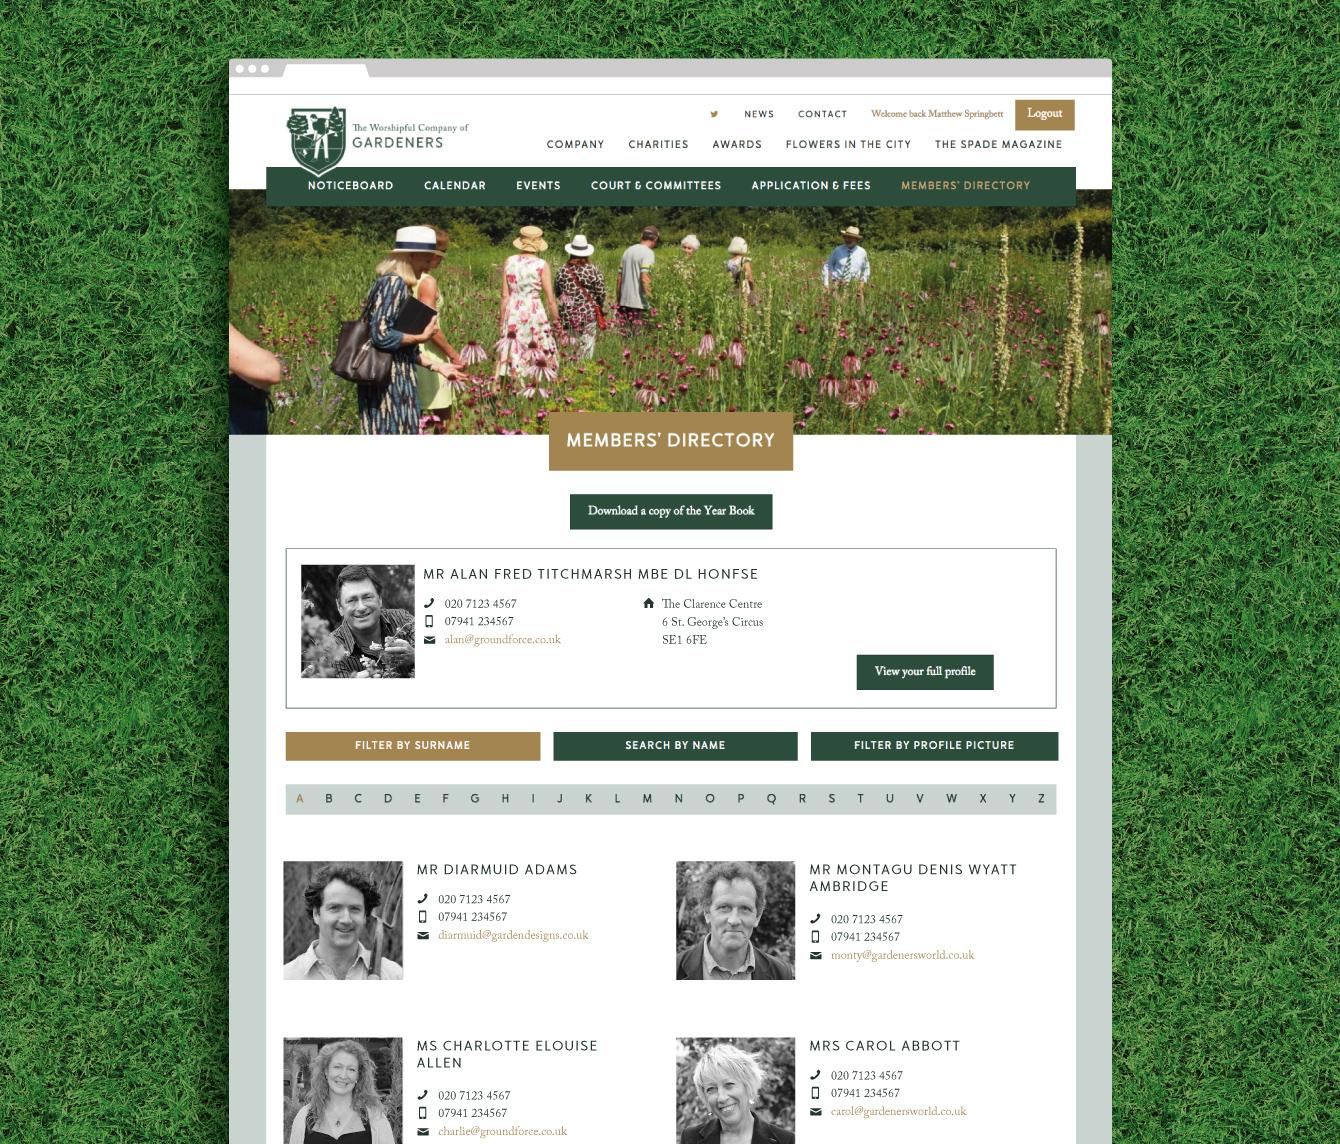 The members directory on the Gardeners website - desktop